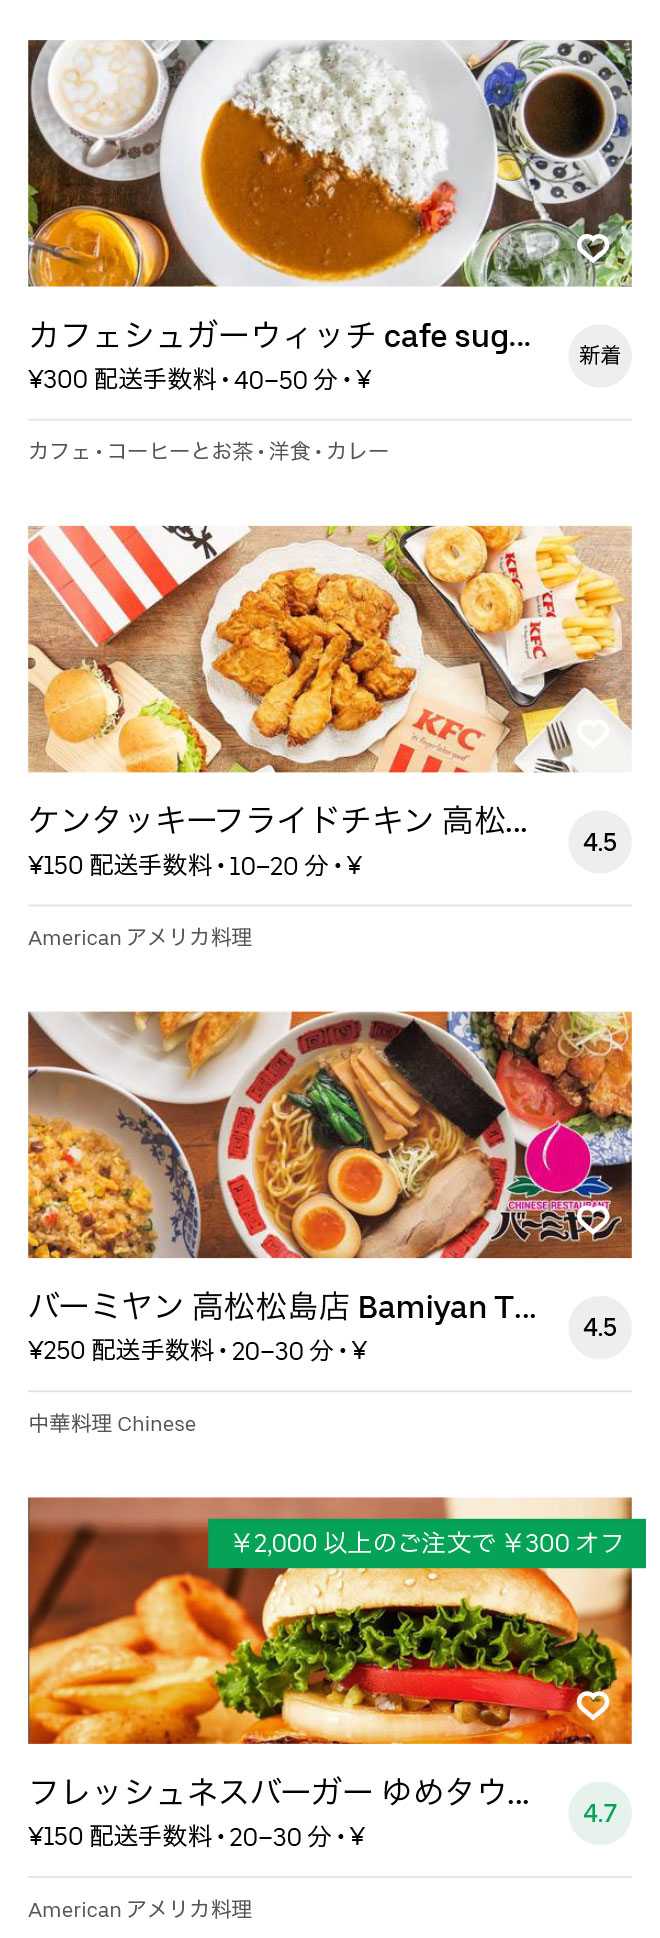 Chuoh sho menu 2008 09